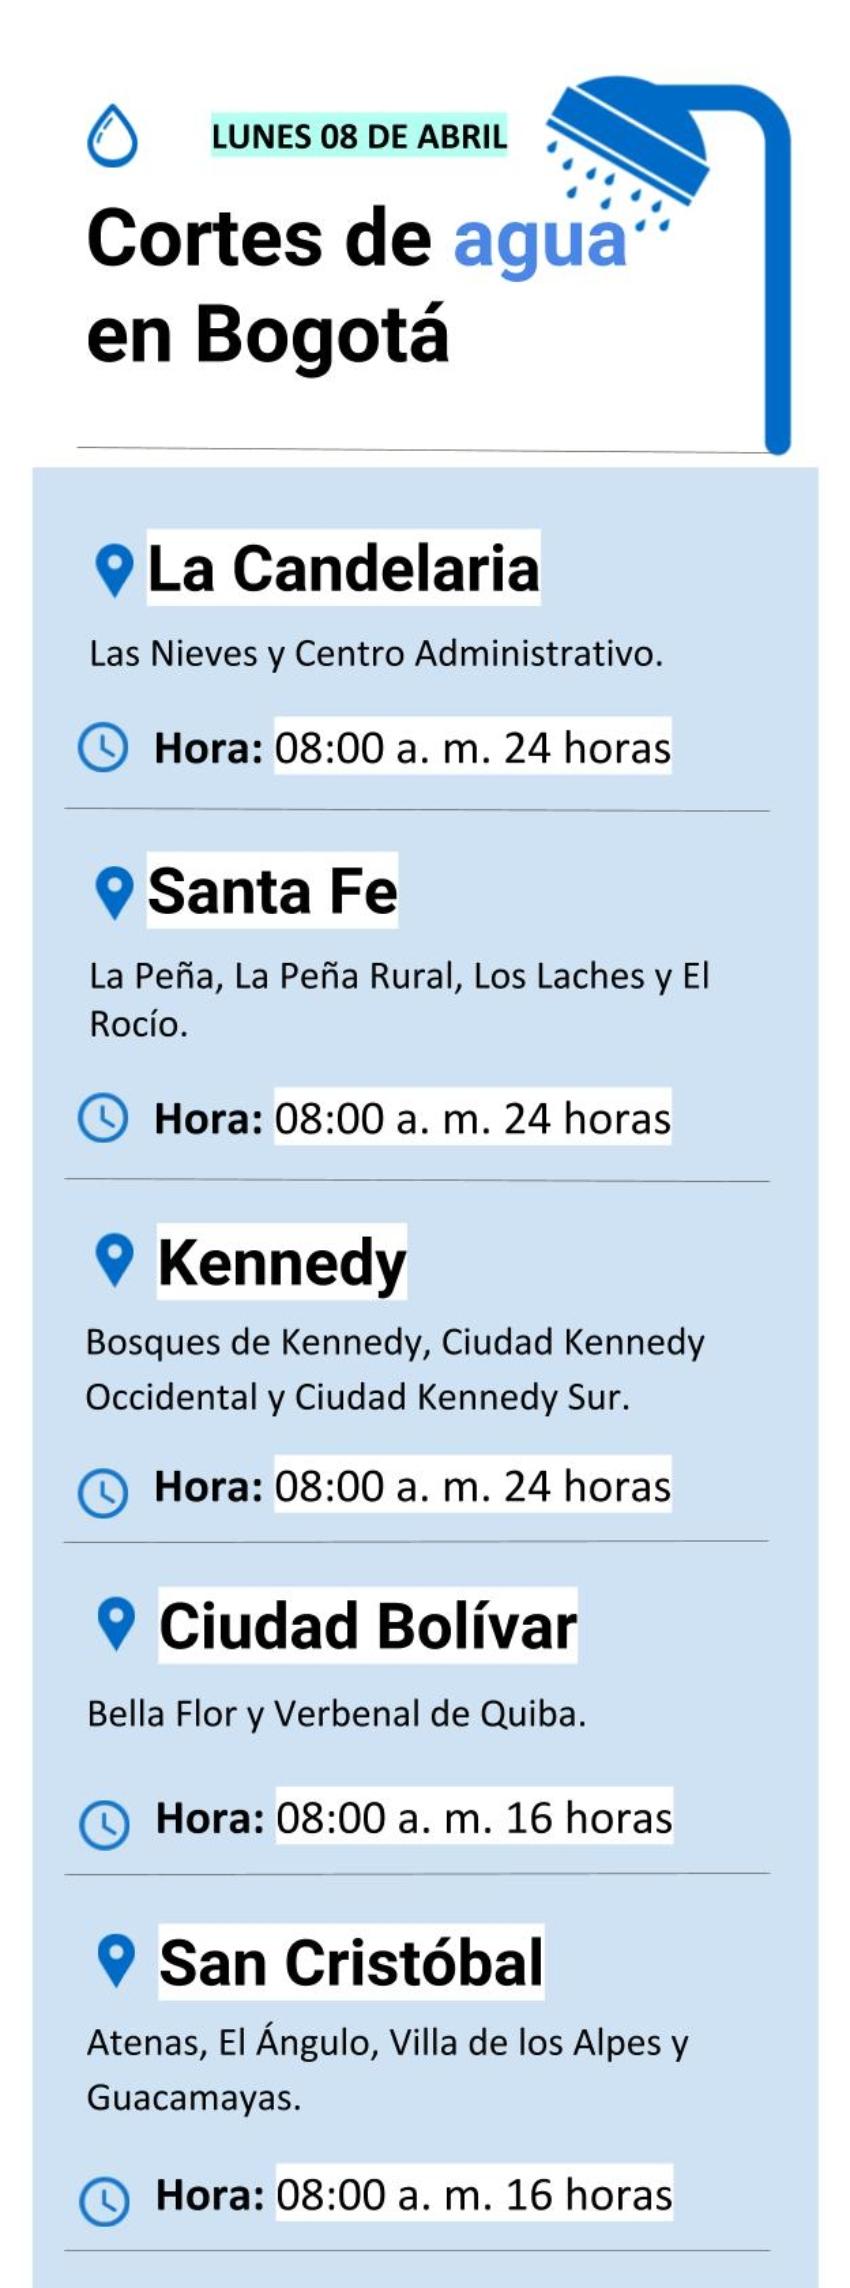 Cortes de agua en Bogotá lunes 8 de abril